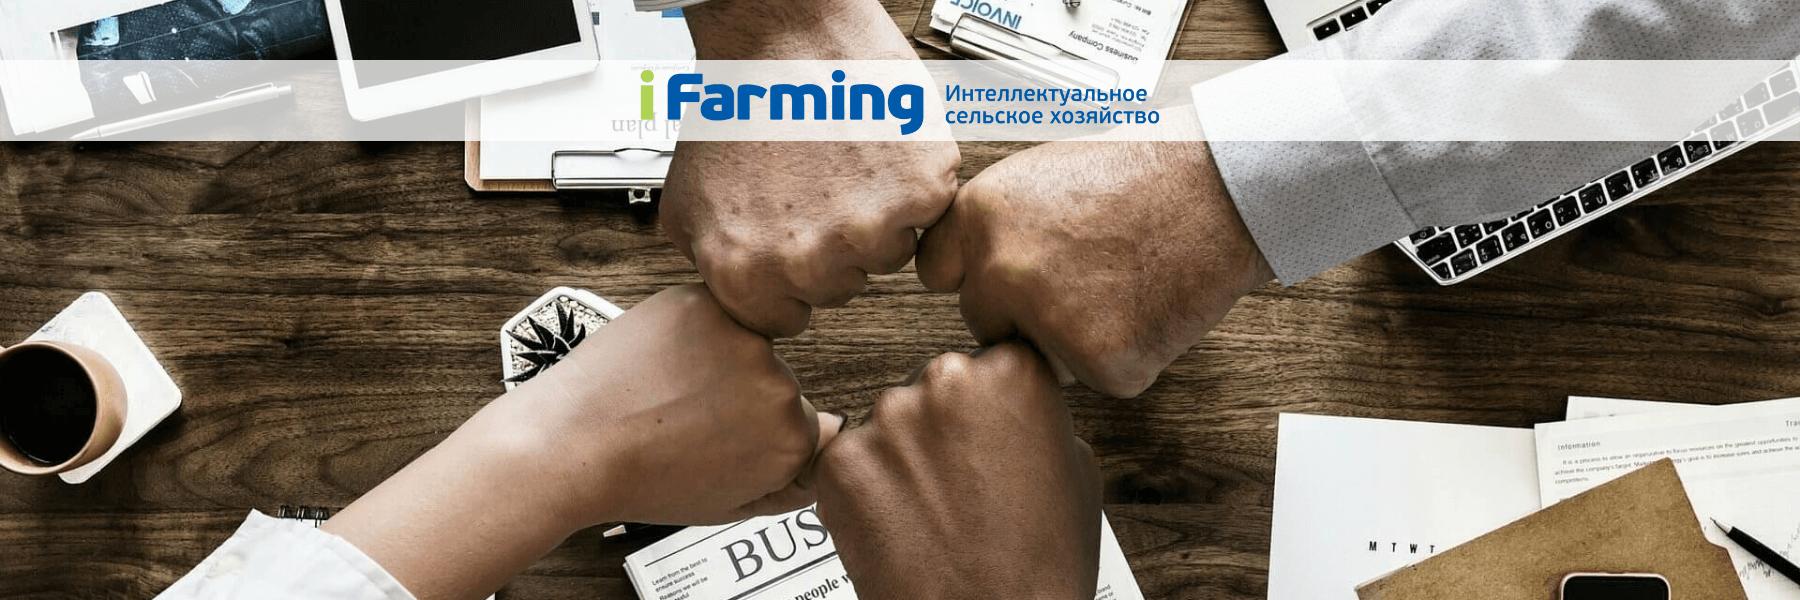 Государственная поддержка сельскохозяйственных потребительских кооперативов.